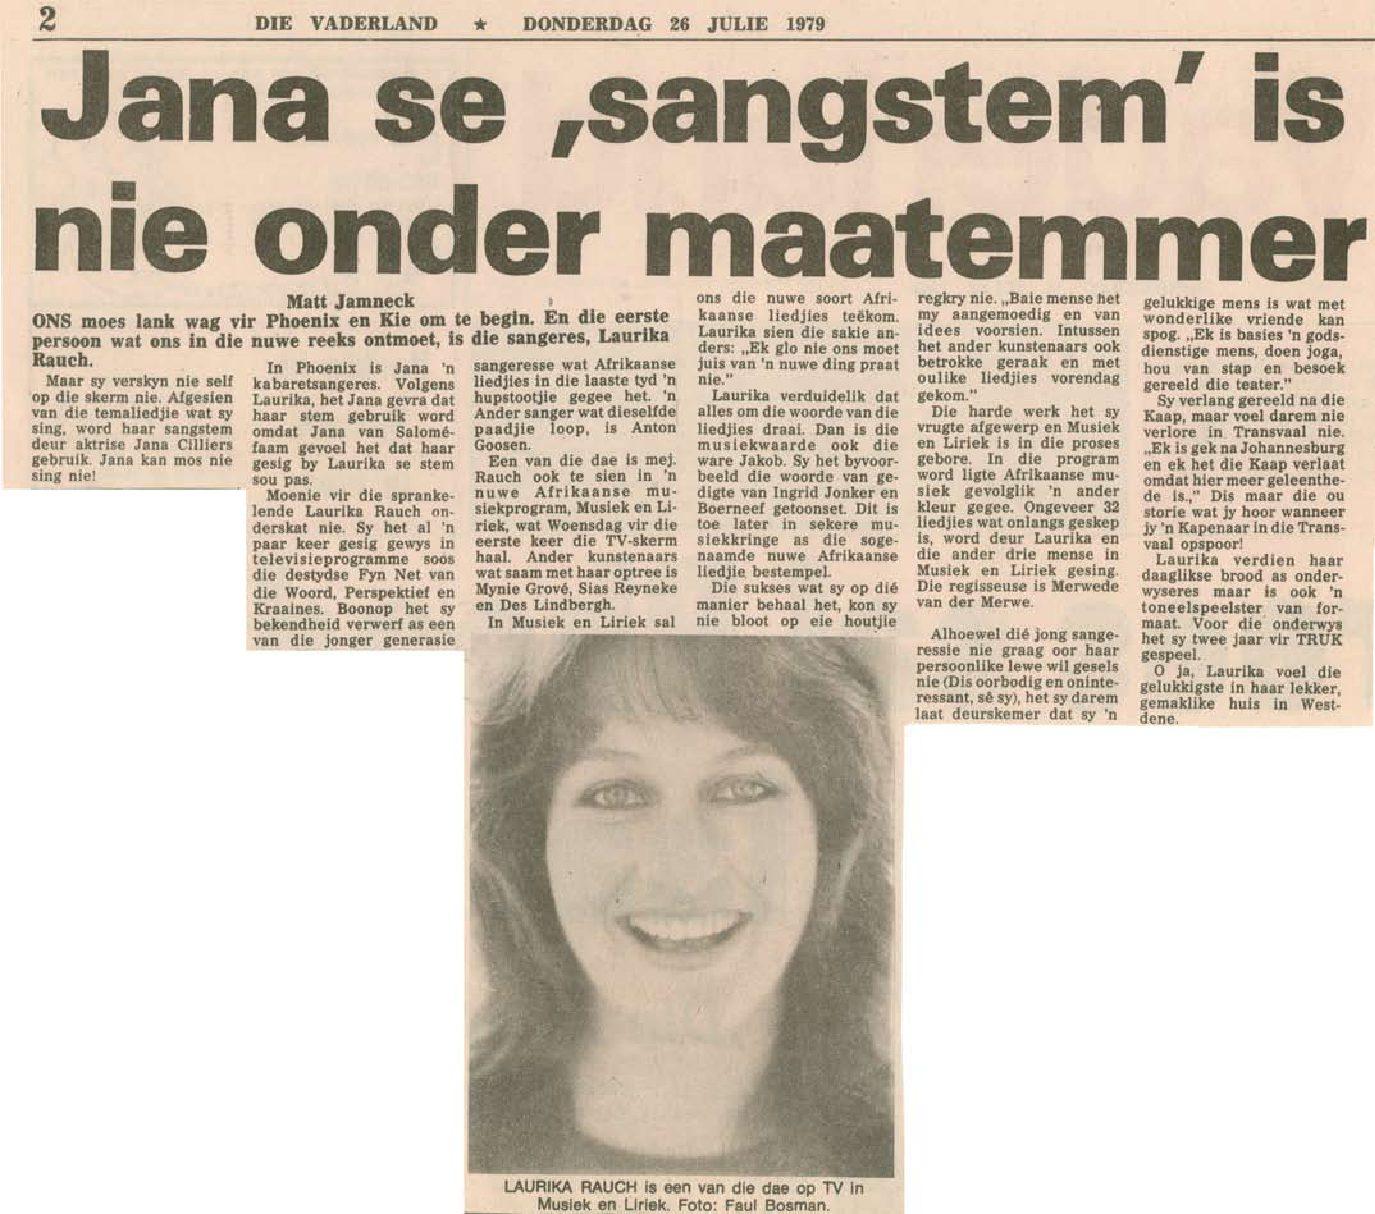 1979-die-vaderland-jana-se-sangstem